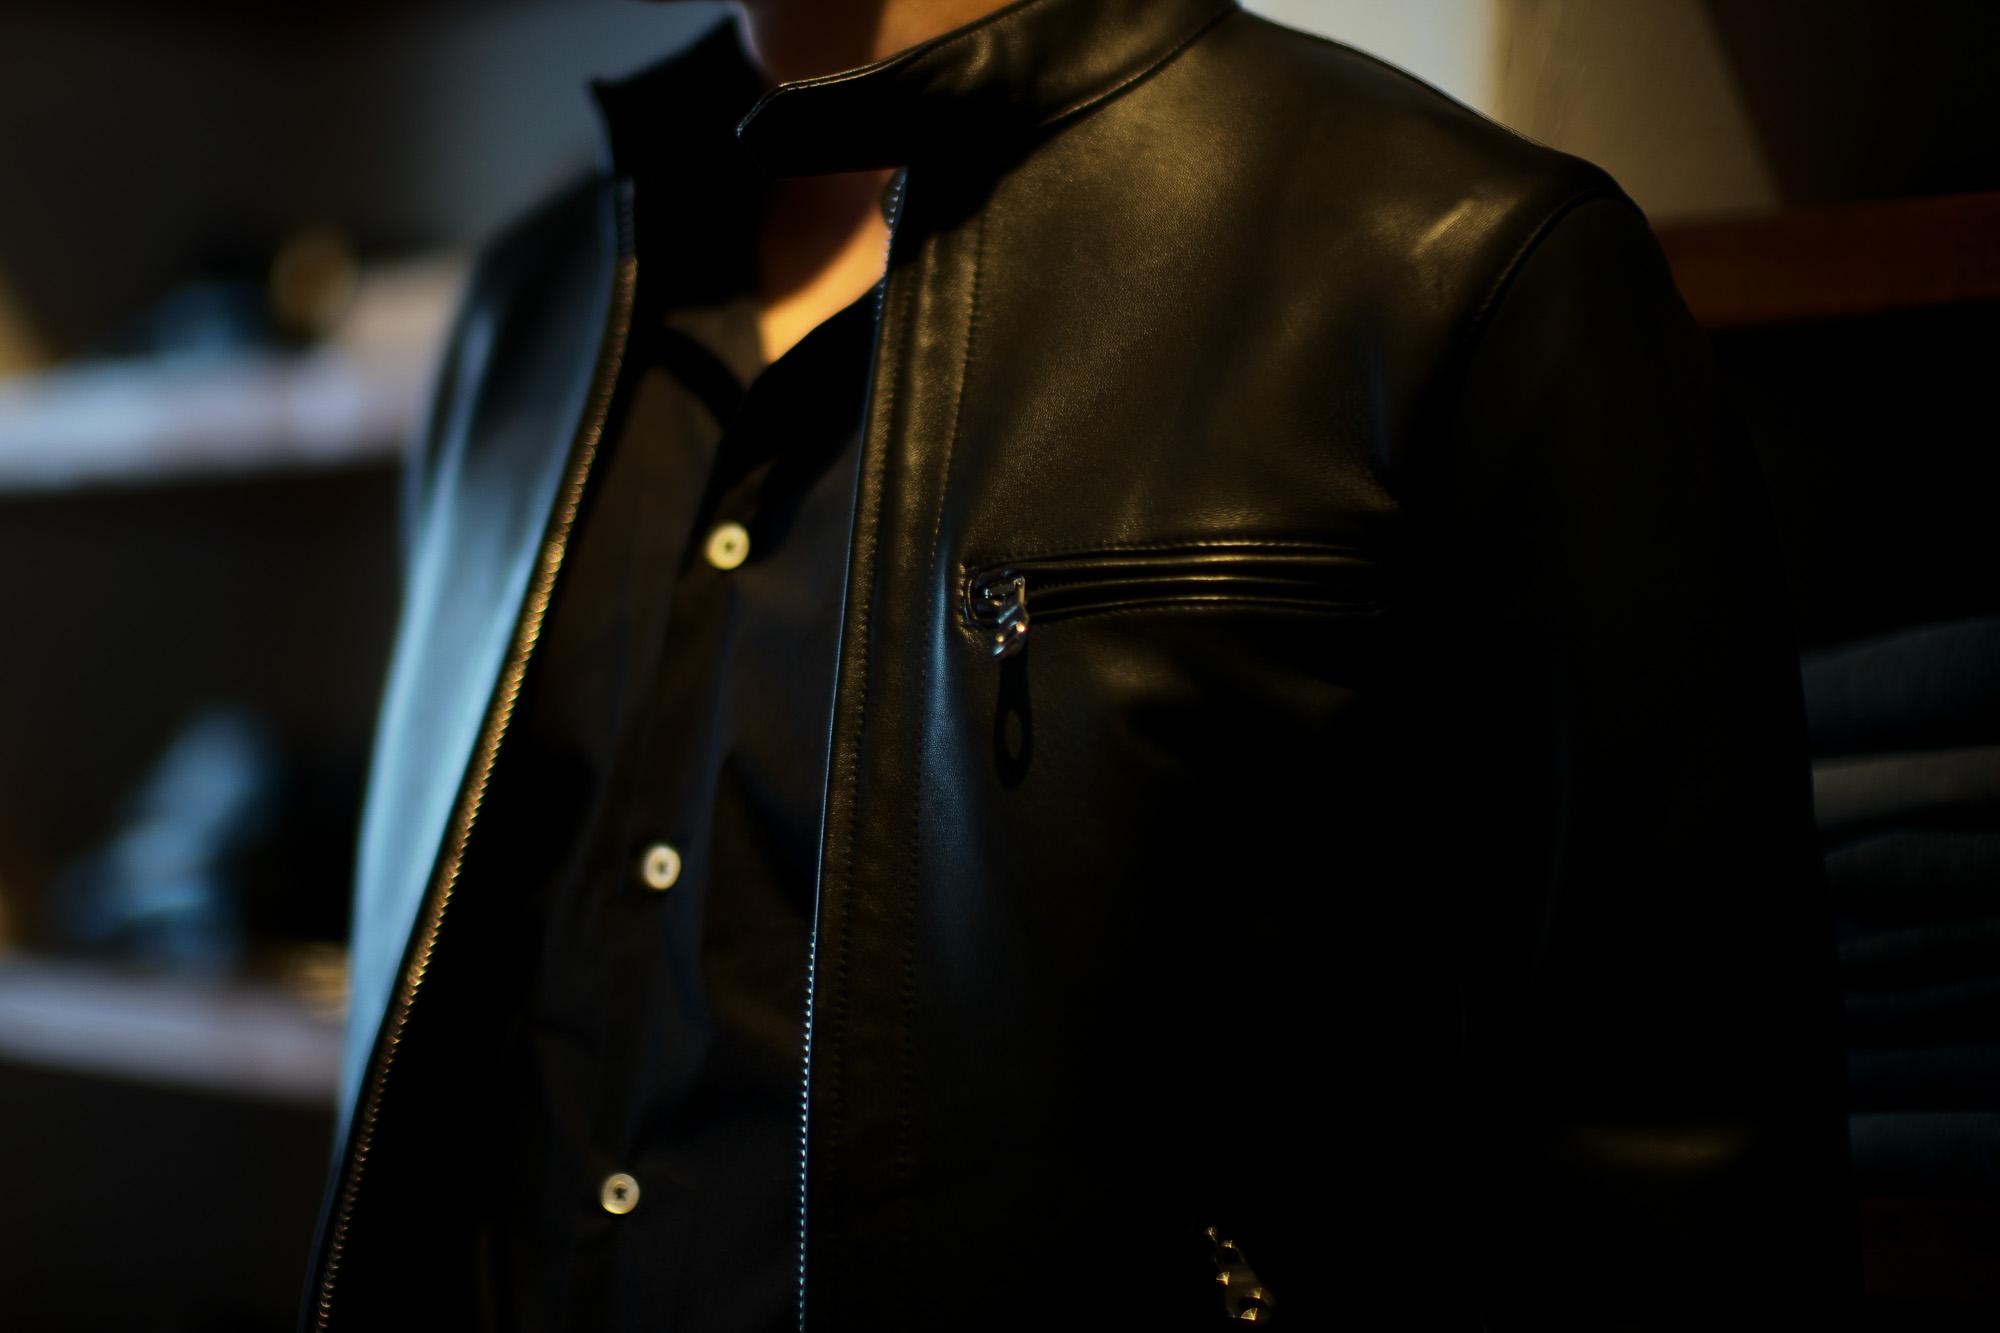 CINQUANTA(チンクアンタ) H502 STAND COLLAR RIDERS (スタンド カラー ジャケット) NAPPA LEATHER ナッパレザー シングル ライダース ジャケット BLACK SILVER (ブラック シルバー・999) Made in italy (イタリア製) 2019 秋冬 【第1便ご予約受付中】cinquanta チンクアンタ レザージャケット 愛知 名古屋 Alto e Diritto アルト エ デリット アルトエデリット